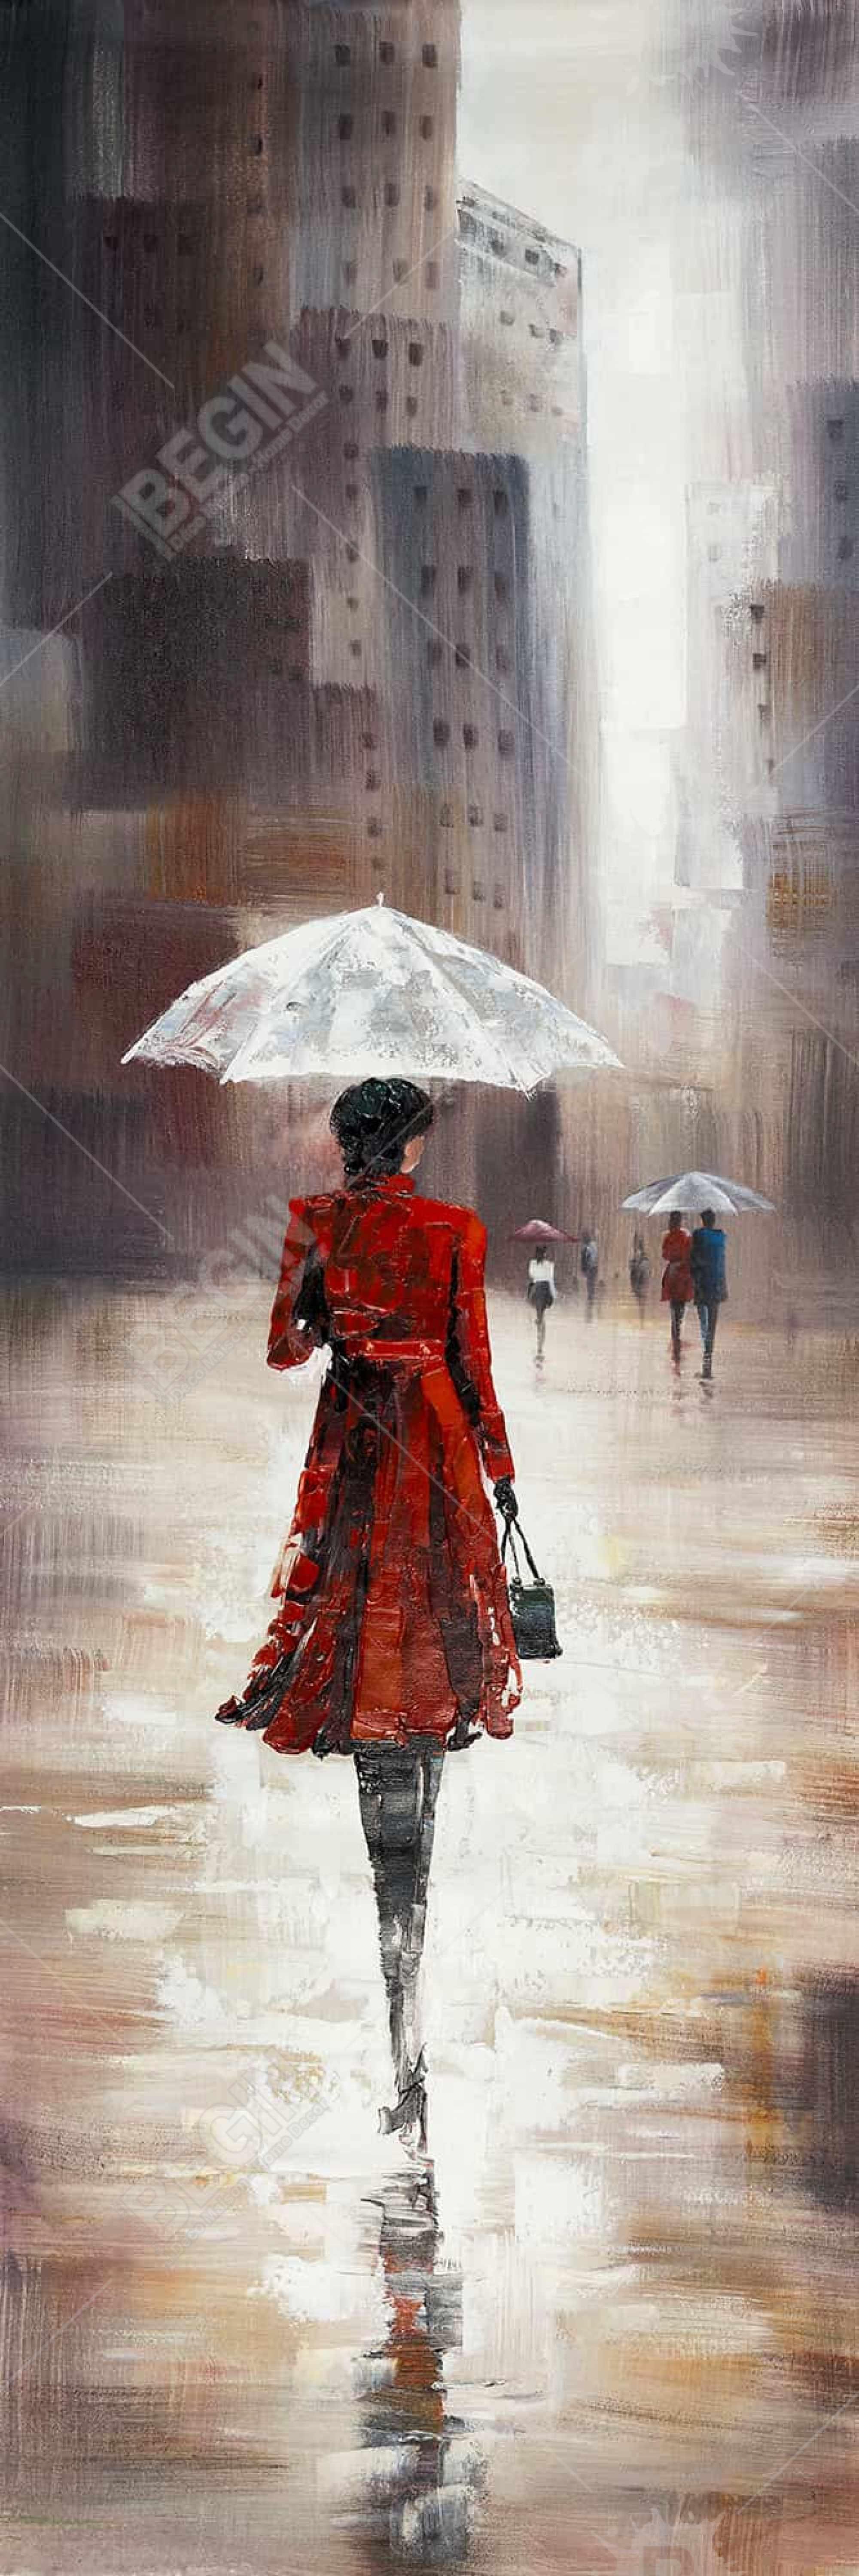 Quiet walk in the rain